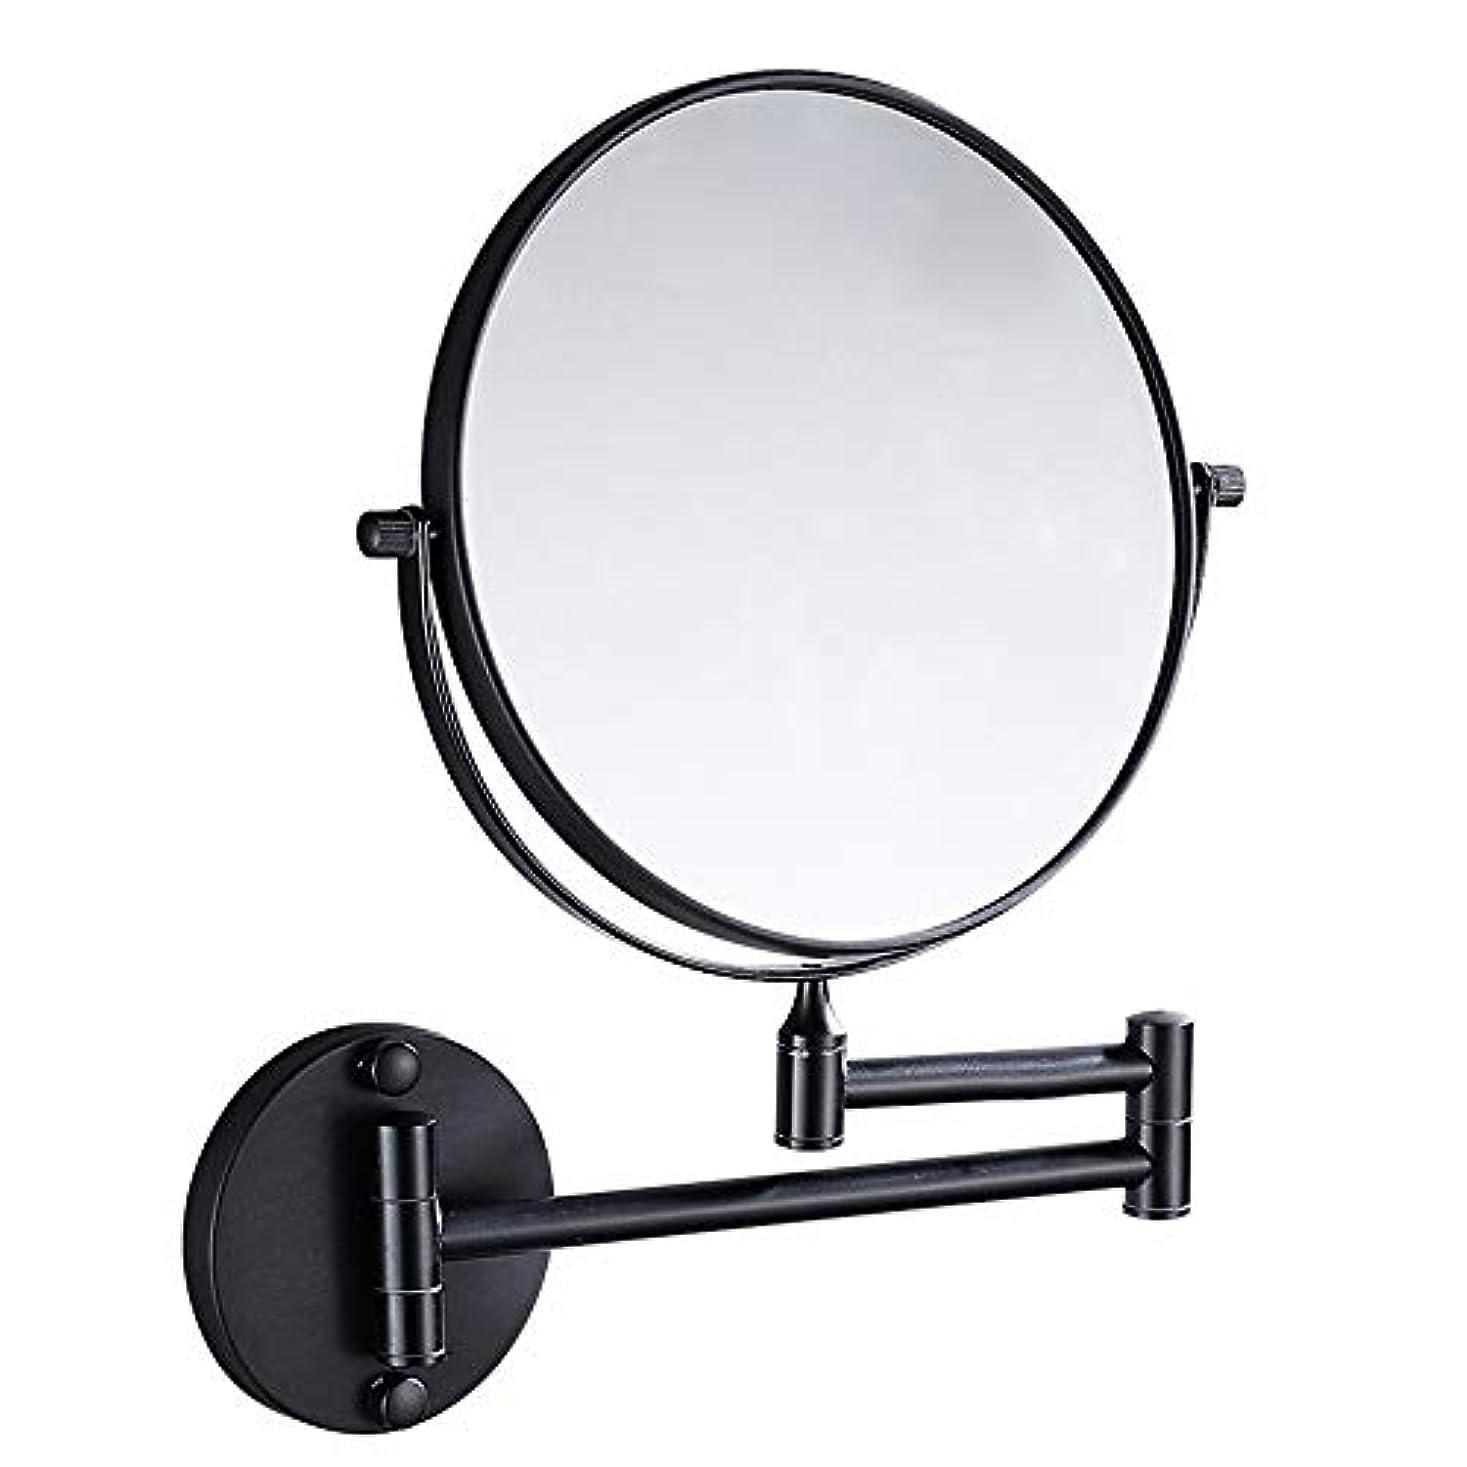 慎重破産代数的流行の ブラック銅ミラー浴室壁掛け折りたたみ美容ミラー両面望遠鏡拡大鏡8インチパンチフリー